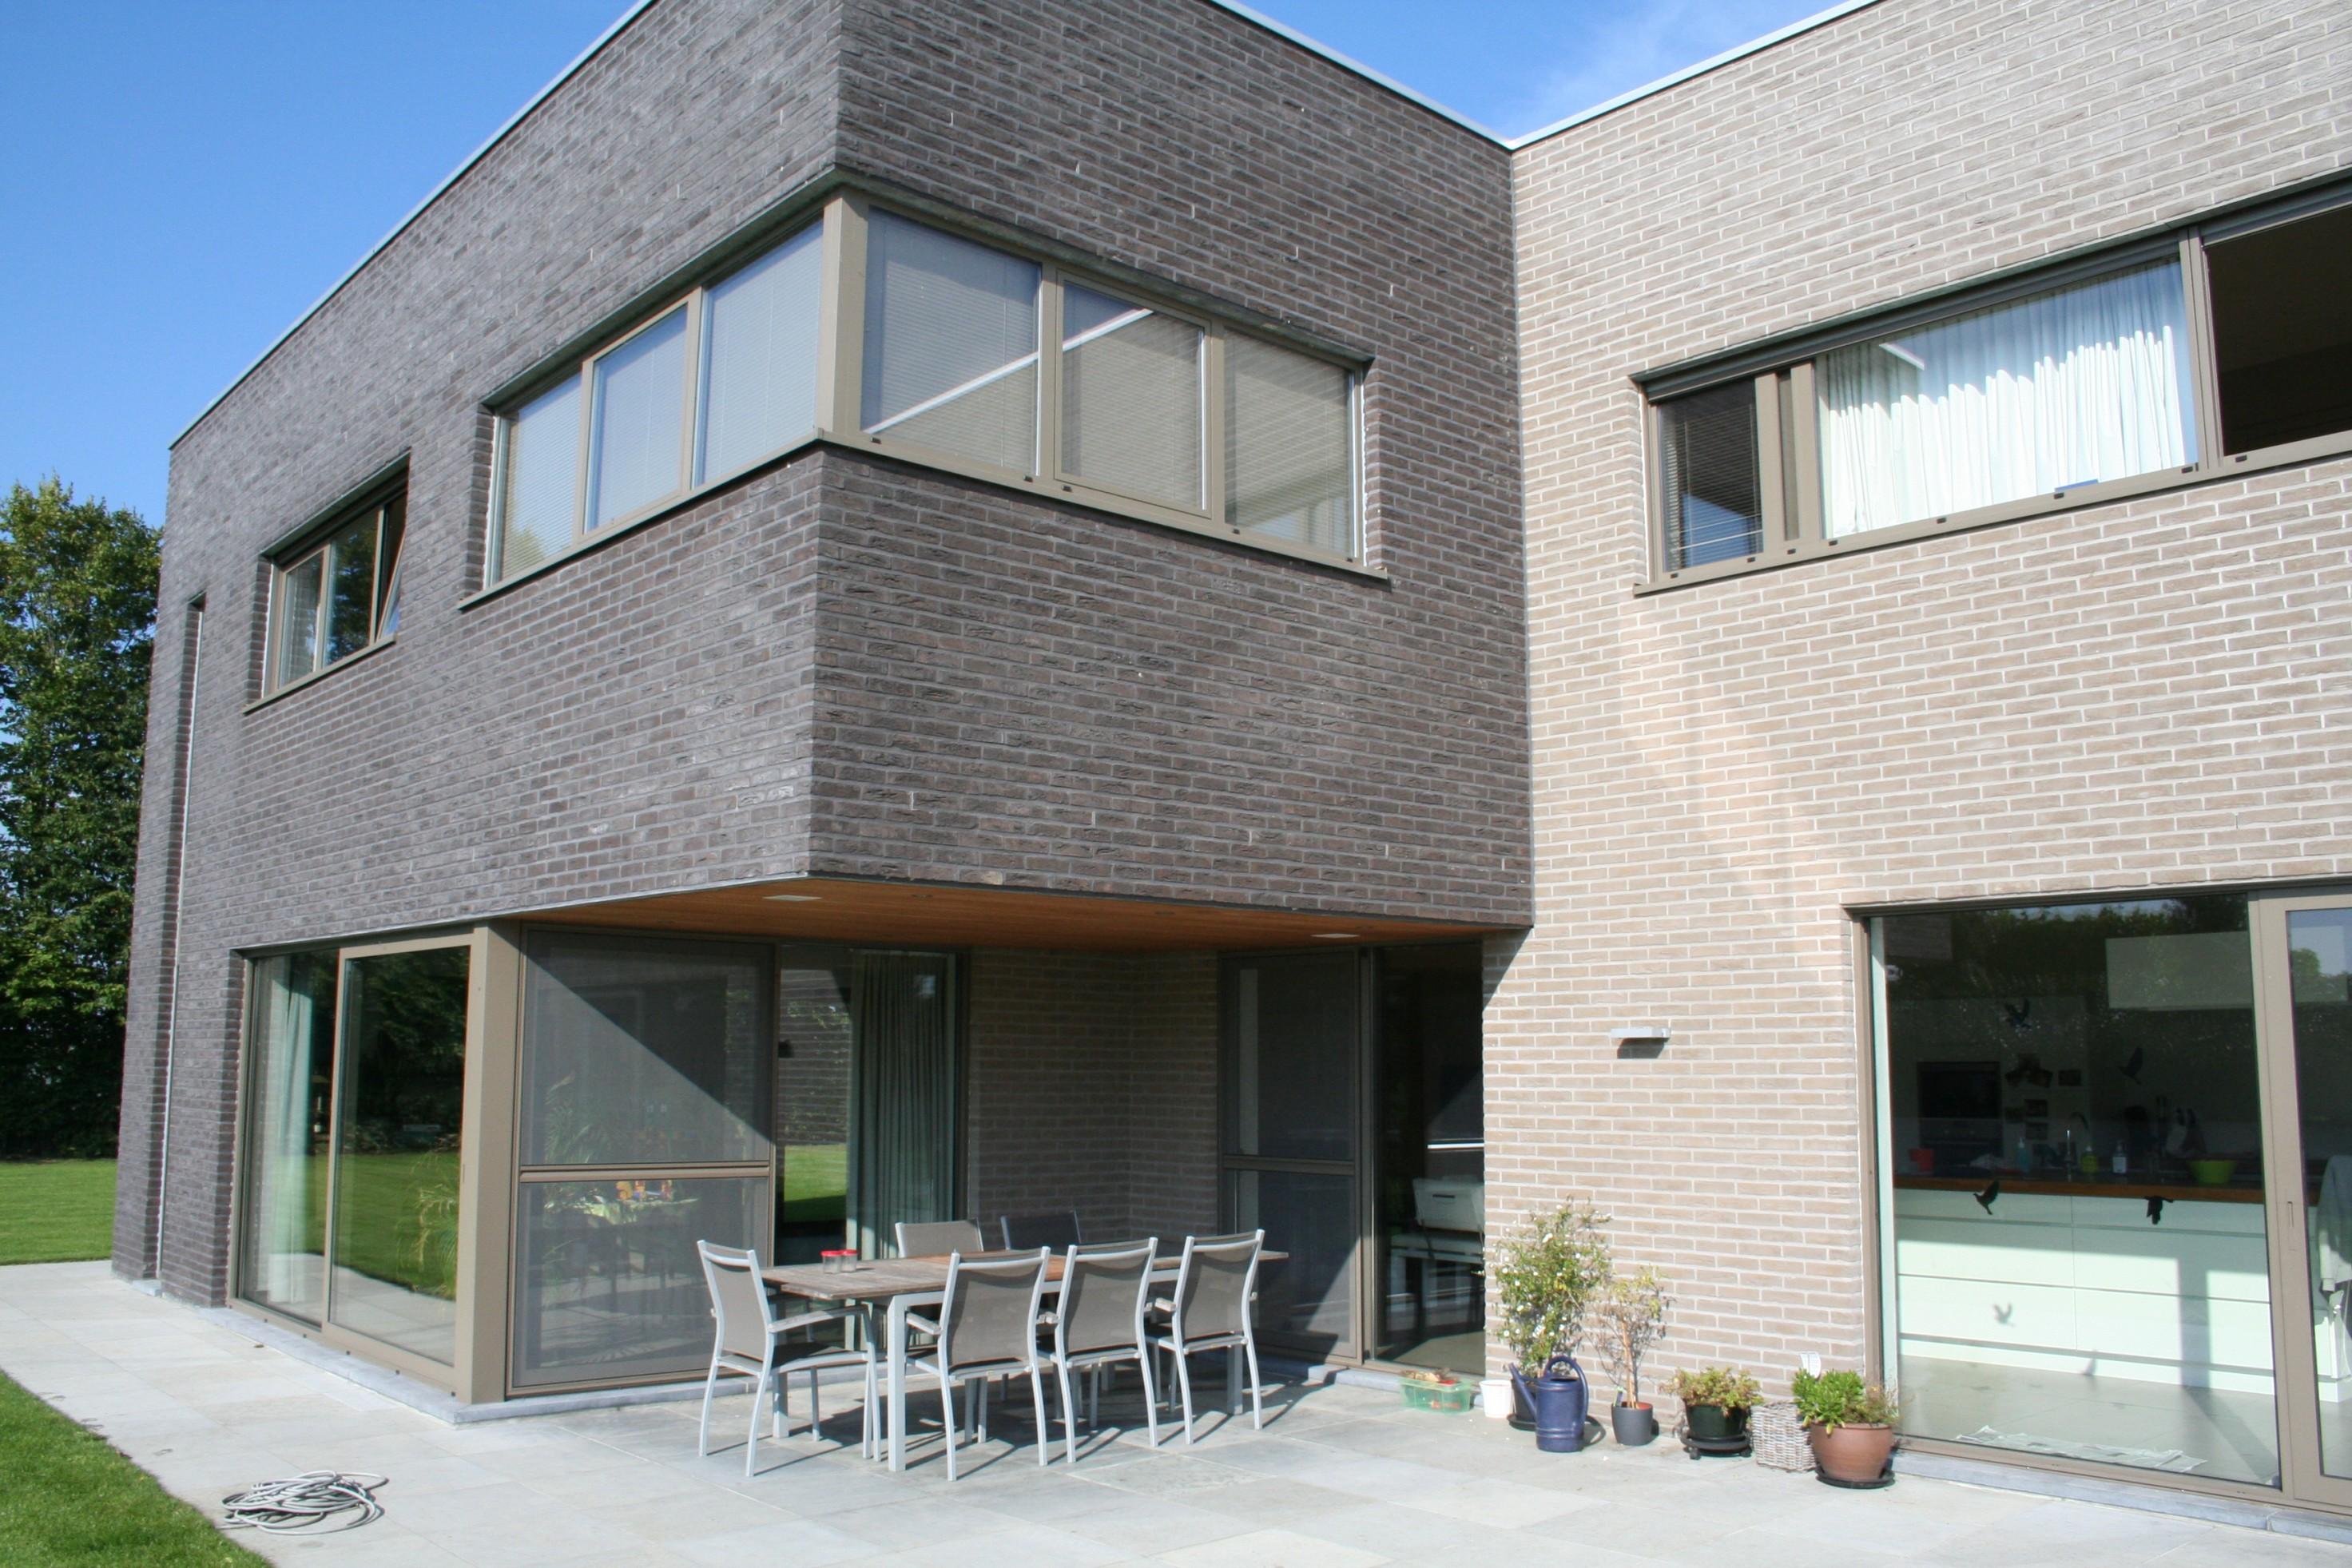 Carubin_Pittem_kmo-gebouw_geïntegreerde woning (6).JPG